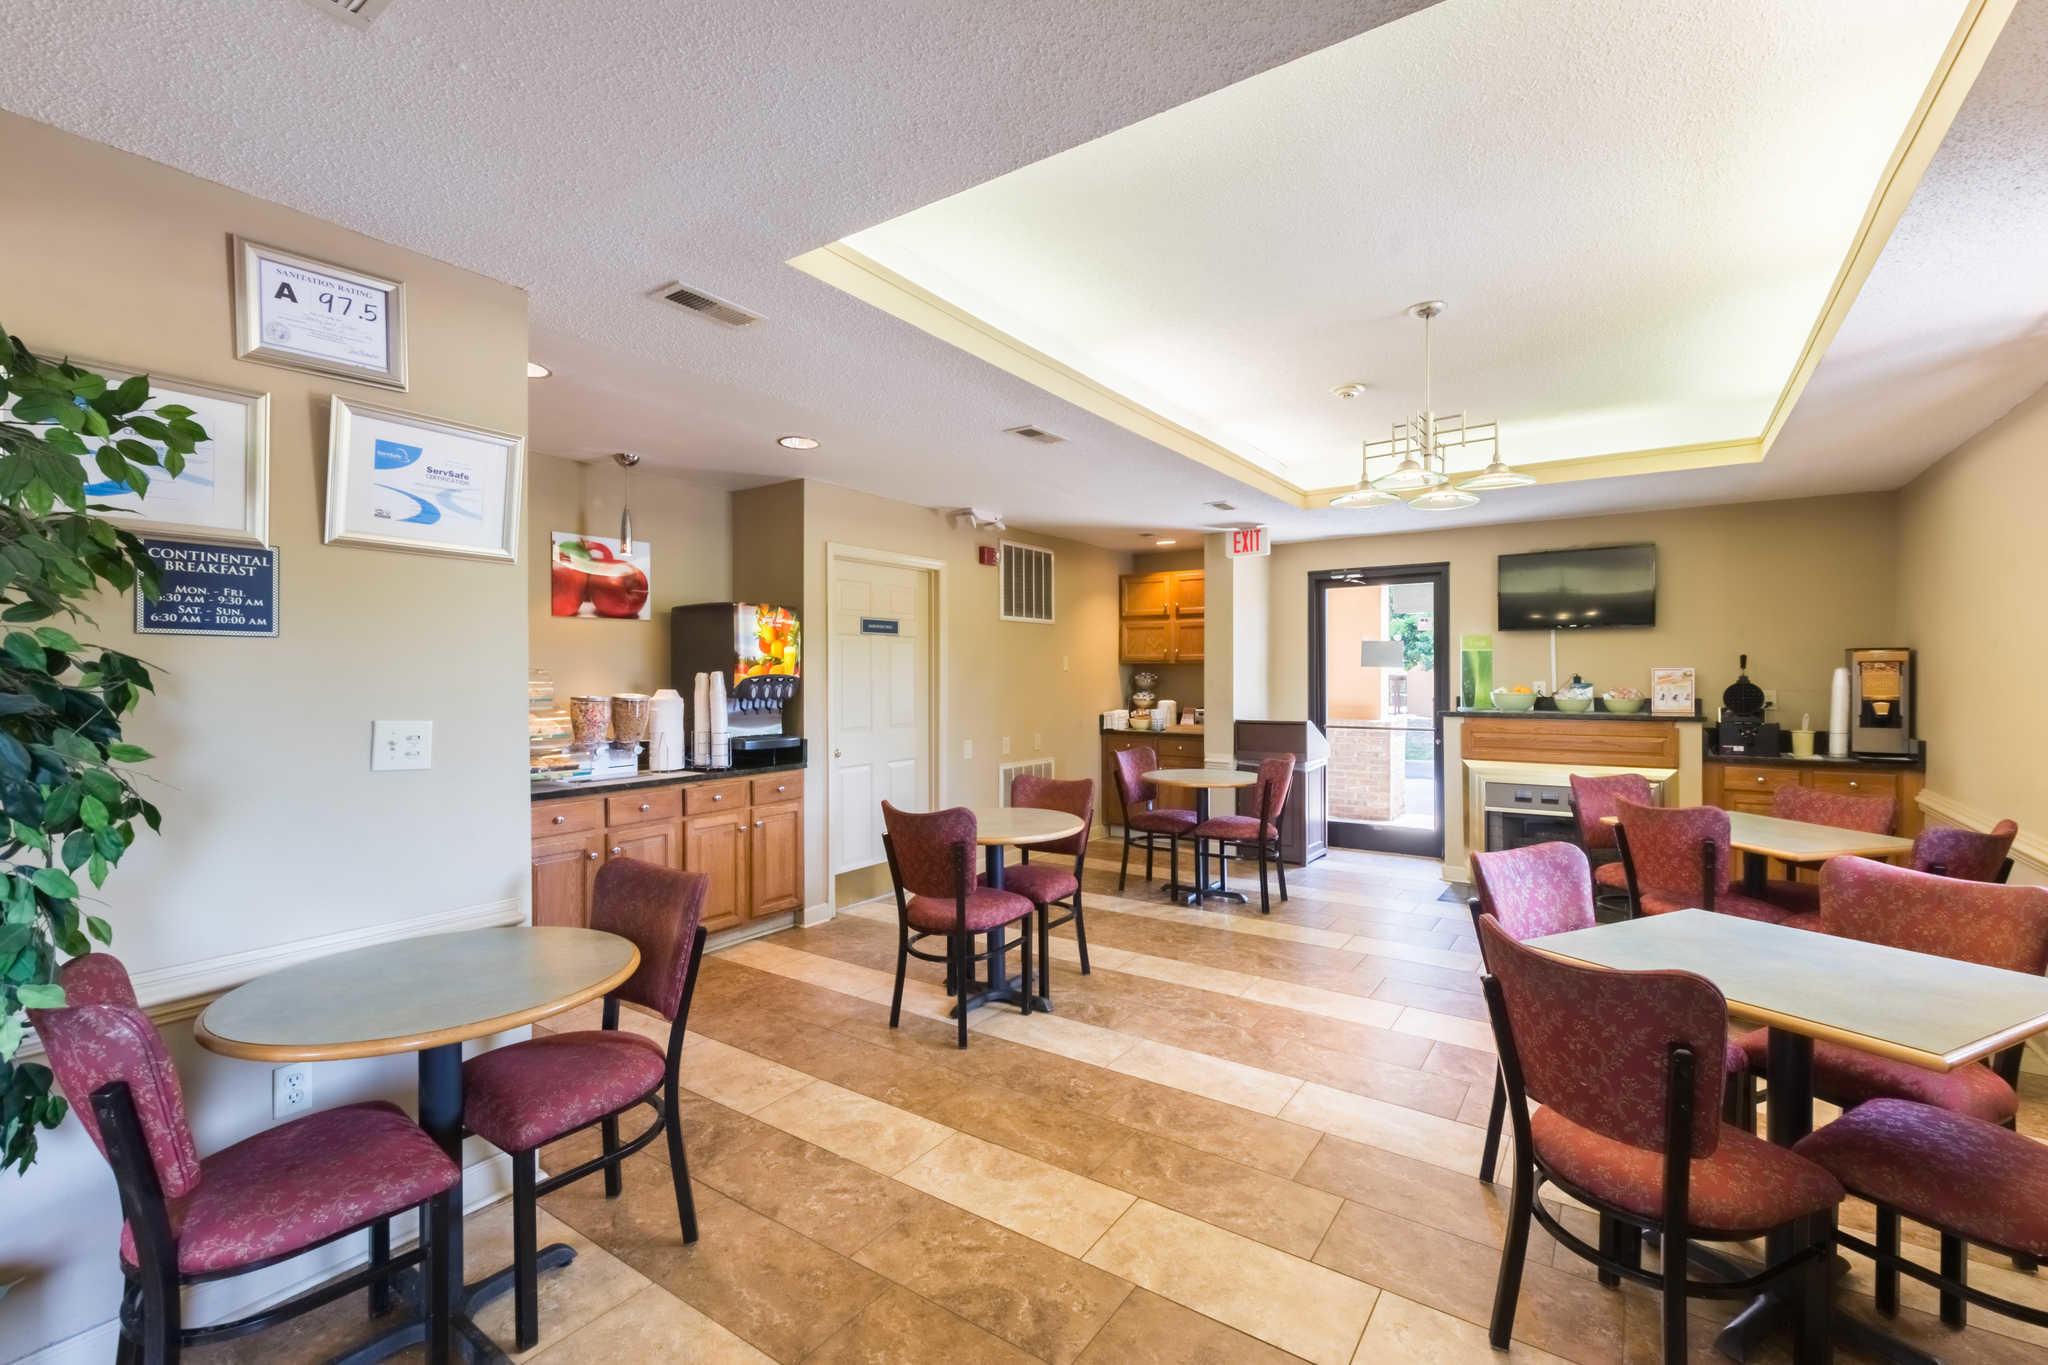 Breakfast Restaurants In Rockingham Nc